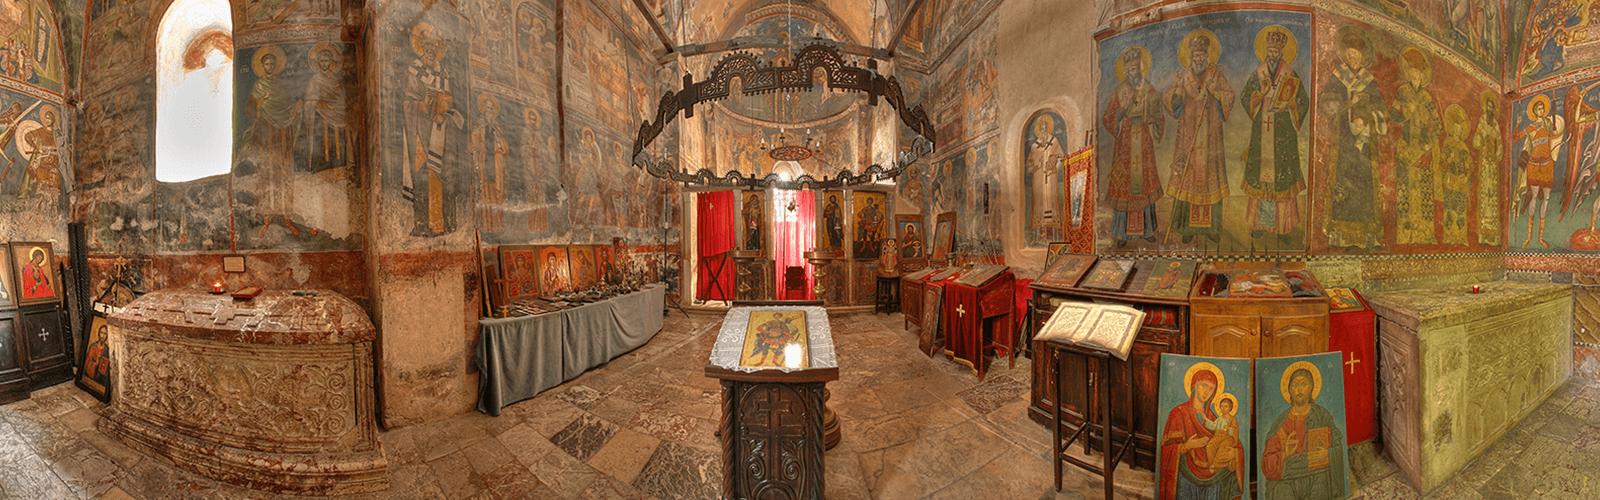 St. Demetrios Church